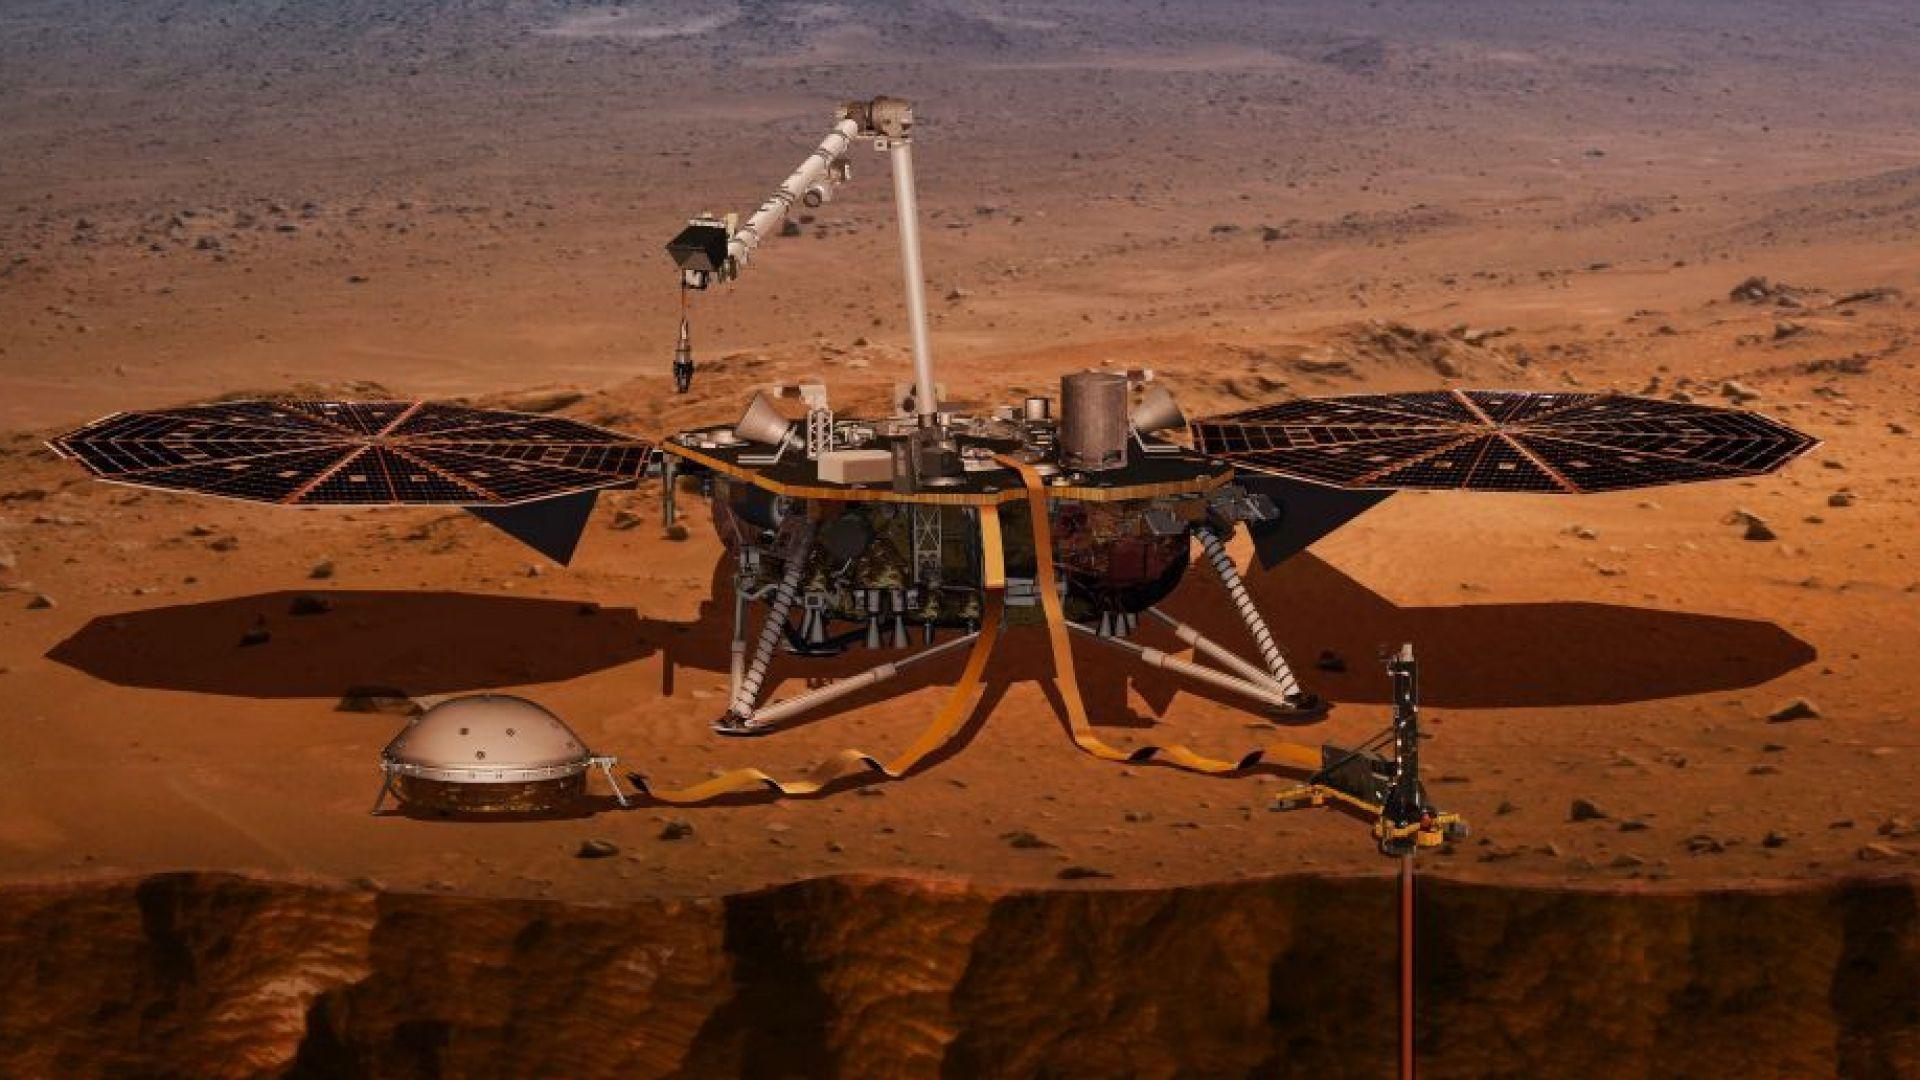 НАСА изпраща робот-геолог на Марс